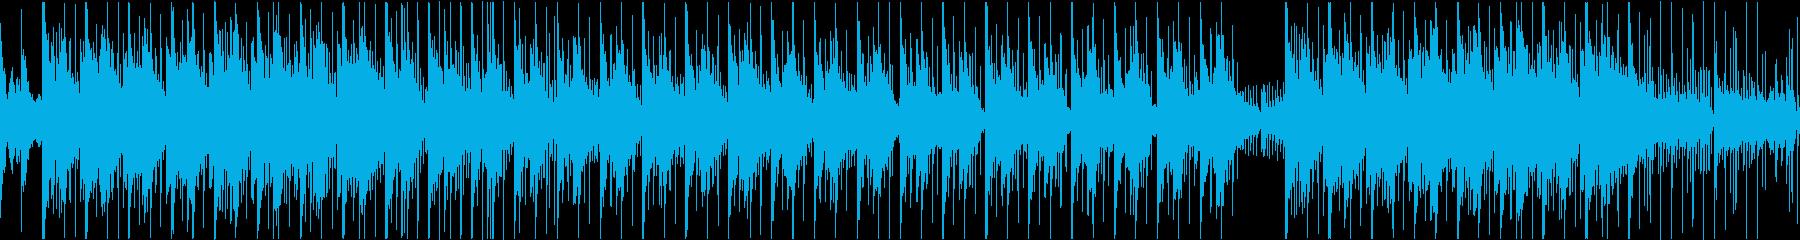 和風 おしゃれ 和楽器 琴 庭園 尺八の再生済みの波形